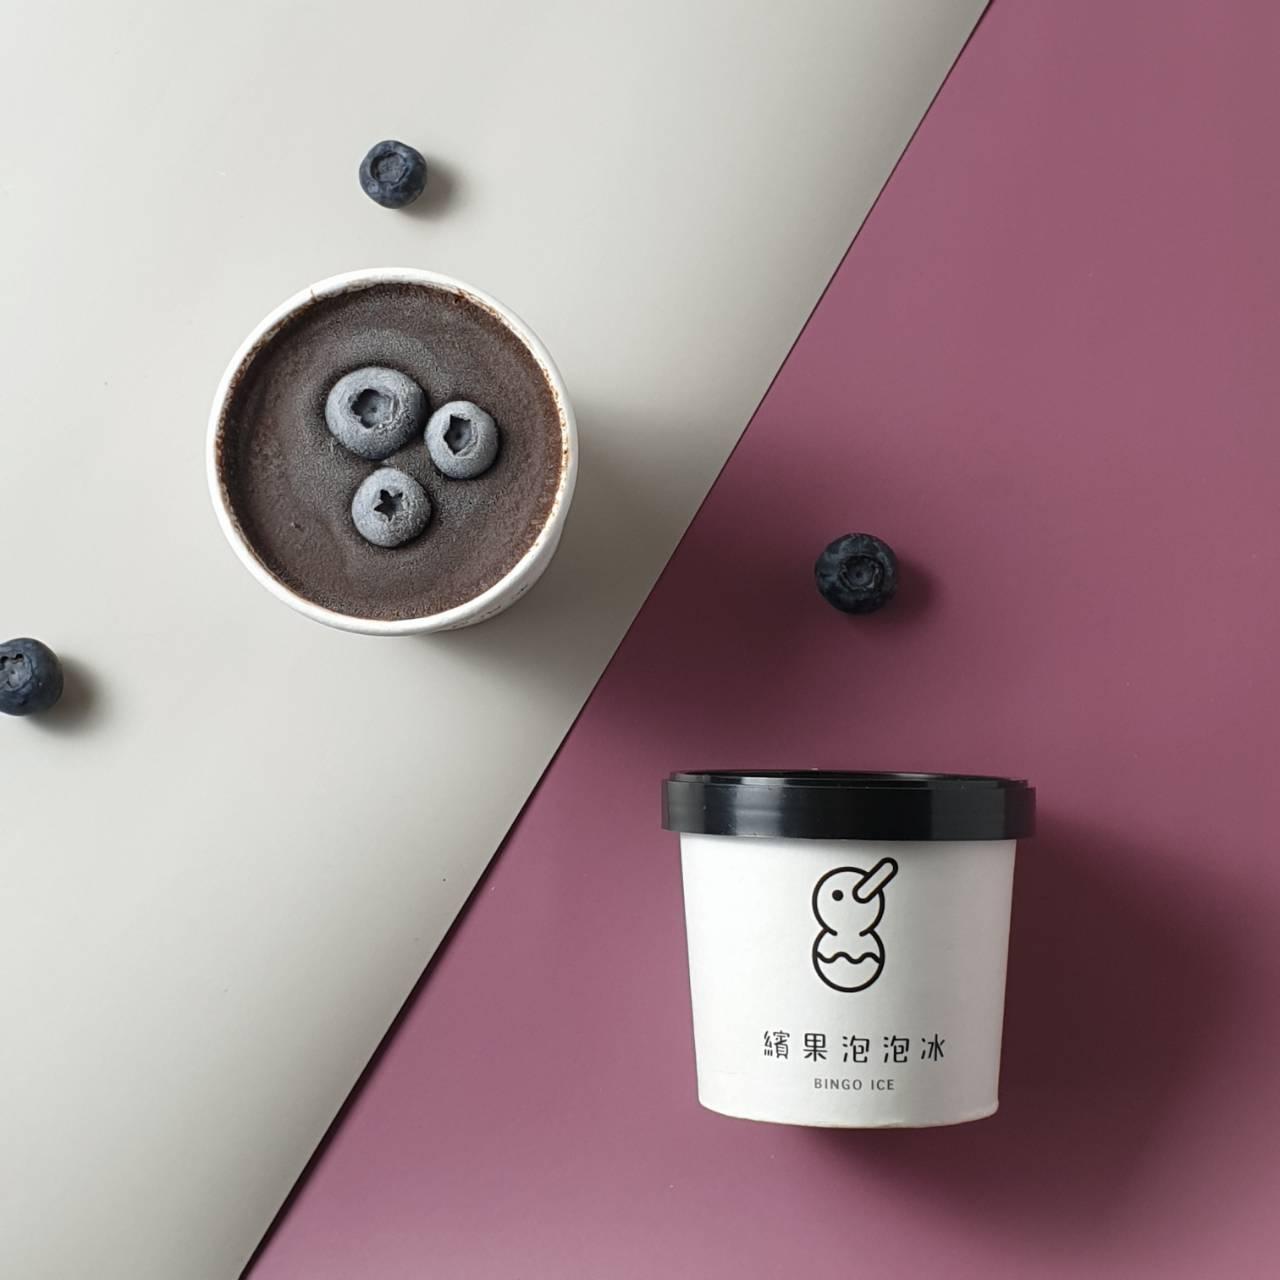 繽果泡泡冰 法國鹽之花巧克力 105ml 巧克力 冰淇淋